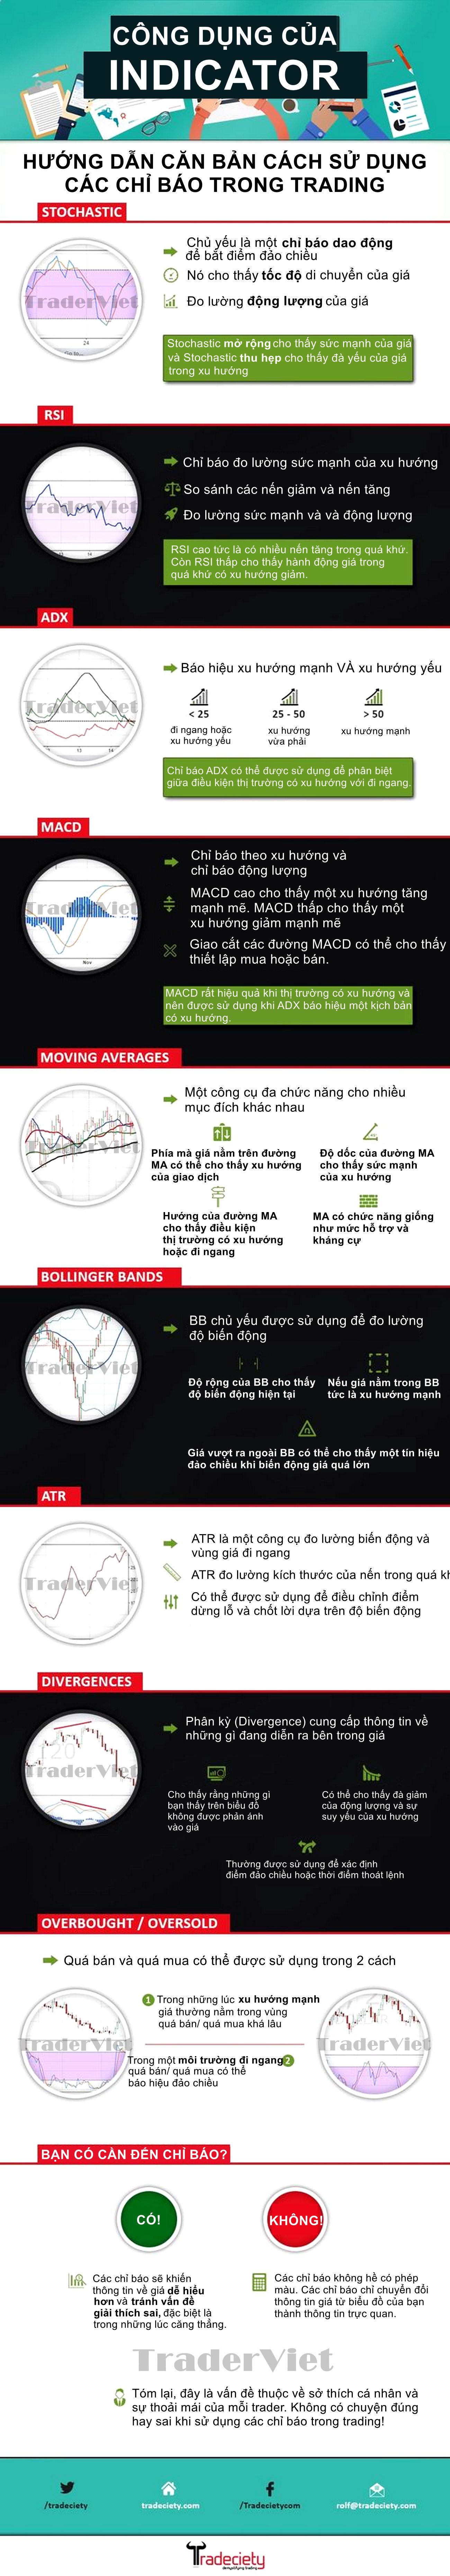 Tong-hop-chi-bao-ky-thuat-va-cong-dung-chinh-cua-no-TraderViet1.